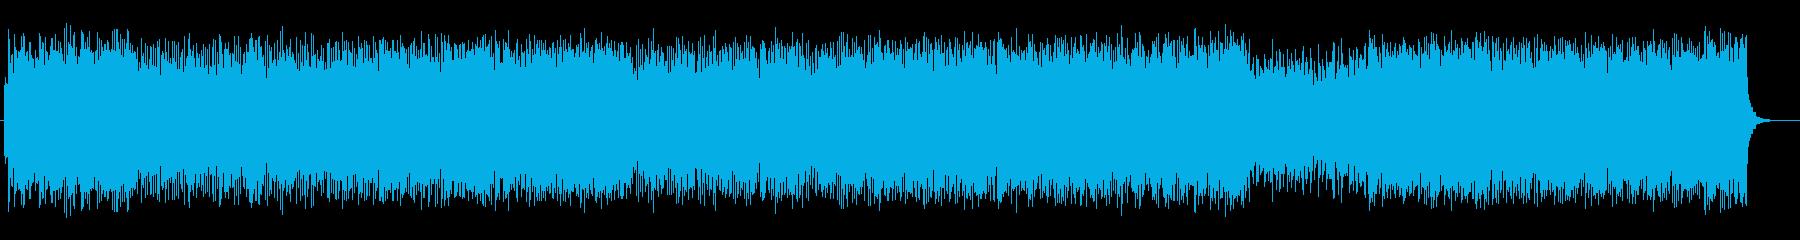 シンセサイザーの宇宙を思わせるポップスの再生済みの波形